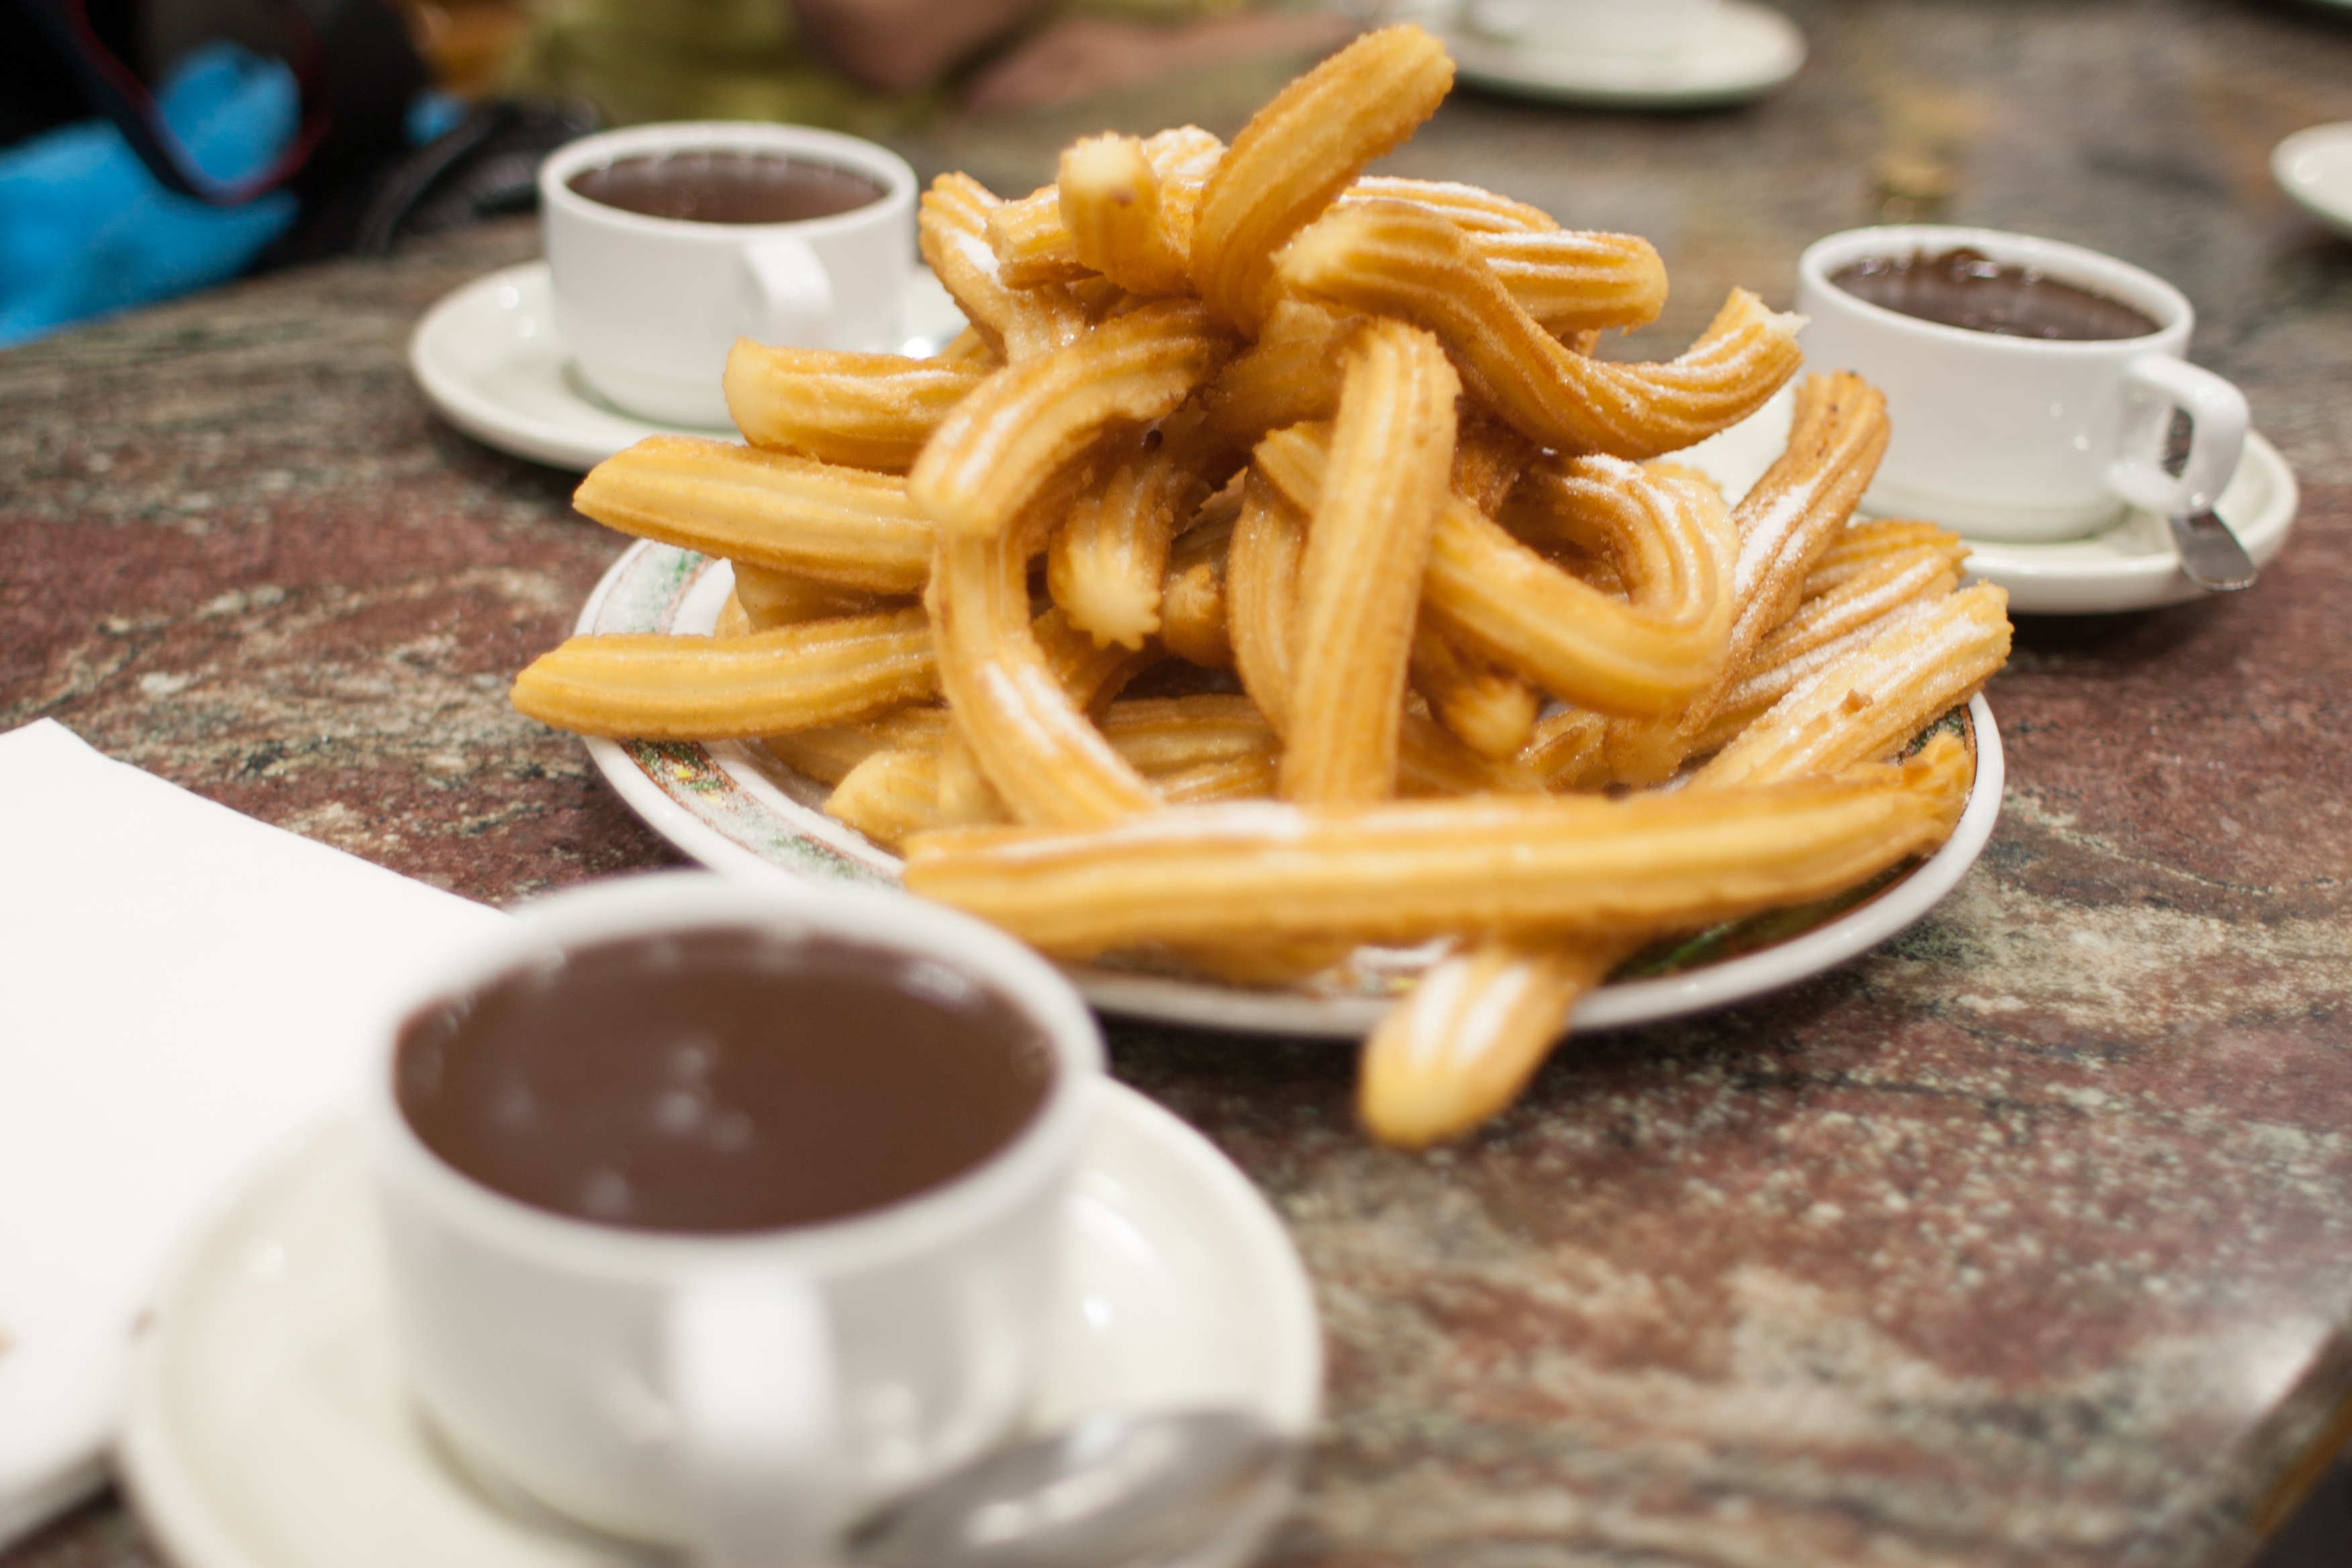 File:Churros con Chocolate en San Sebastián.jpg - Wikimedia Commons